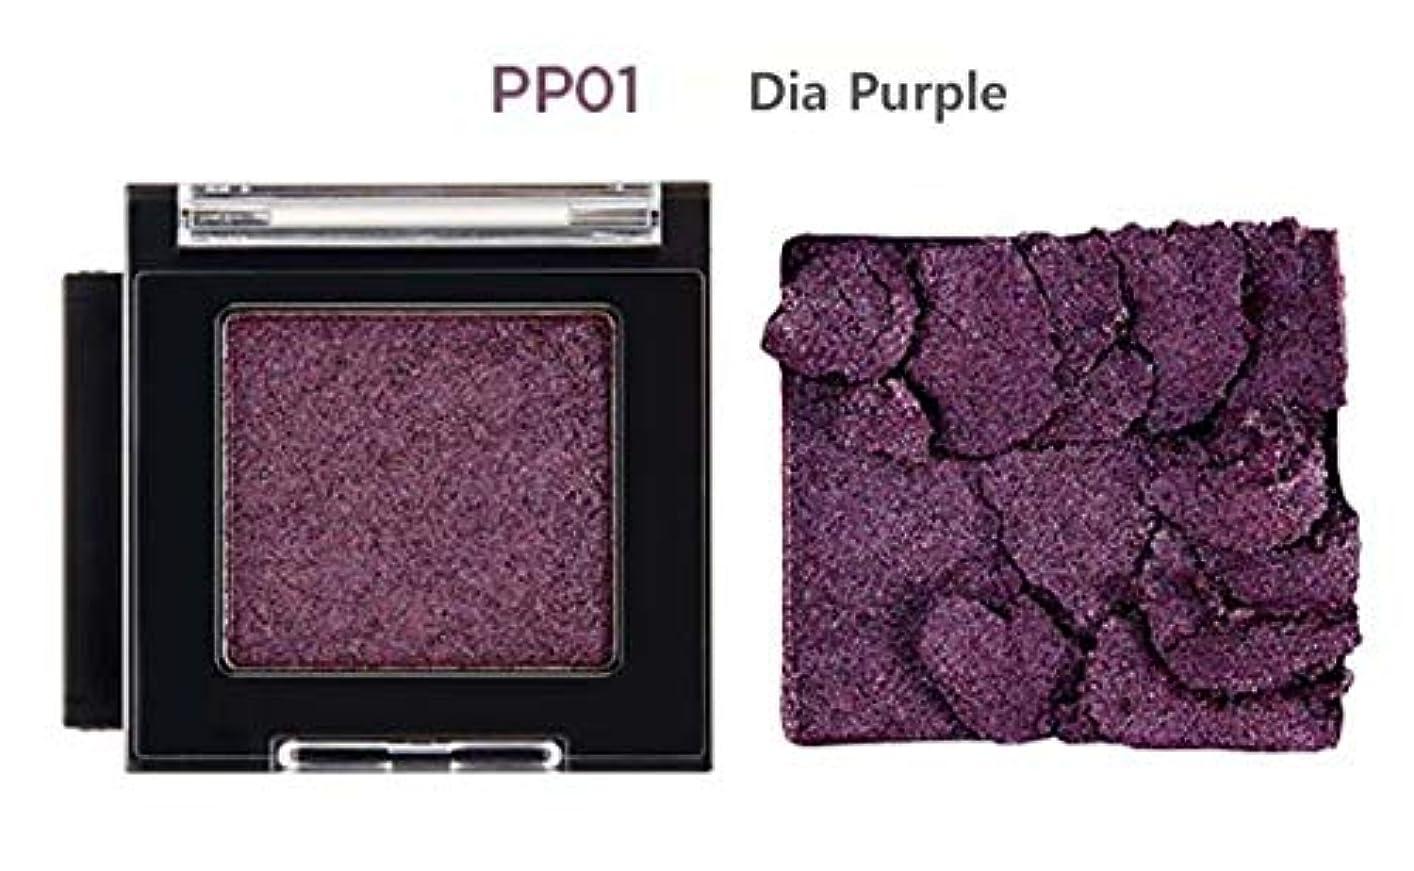 初期災害ベルベット[ザ?フェイスショップ] THE FACE SHOP [モノ キューブ アイシャドウ (グリッタ一) 15カラー] (Mono Cube Eyeshadow (Glitter) 1.8g - 15 shades) (#PP01...